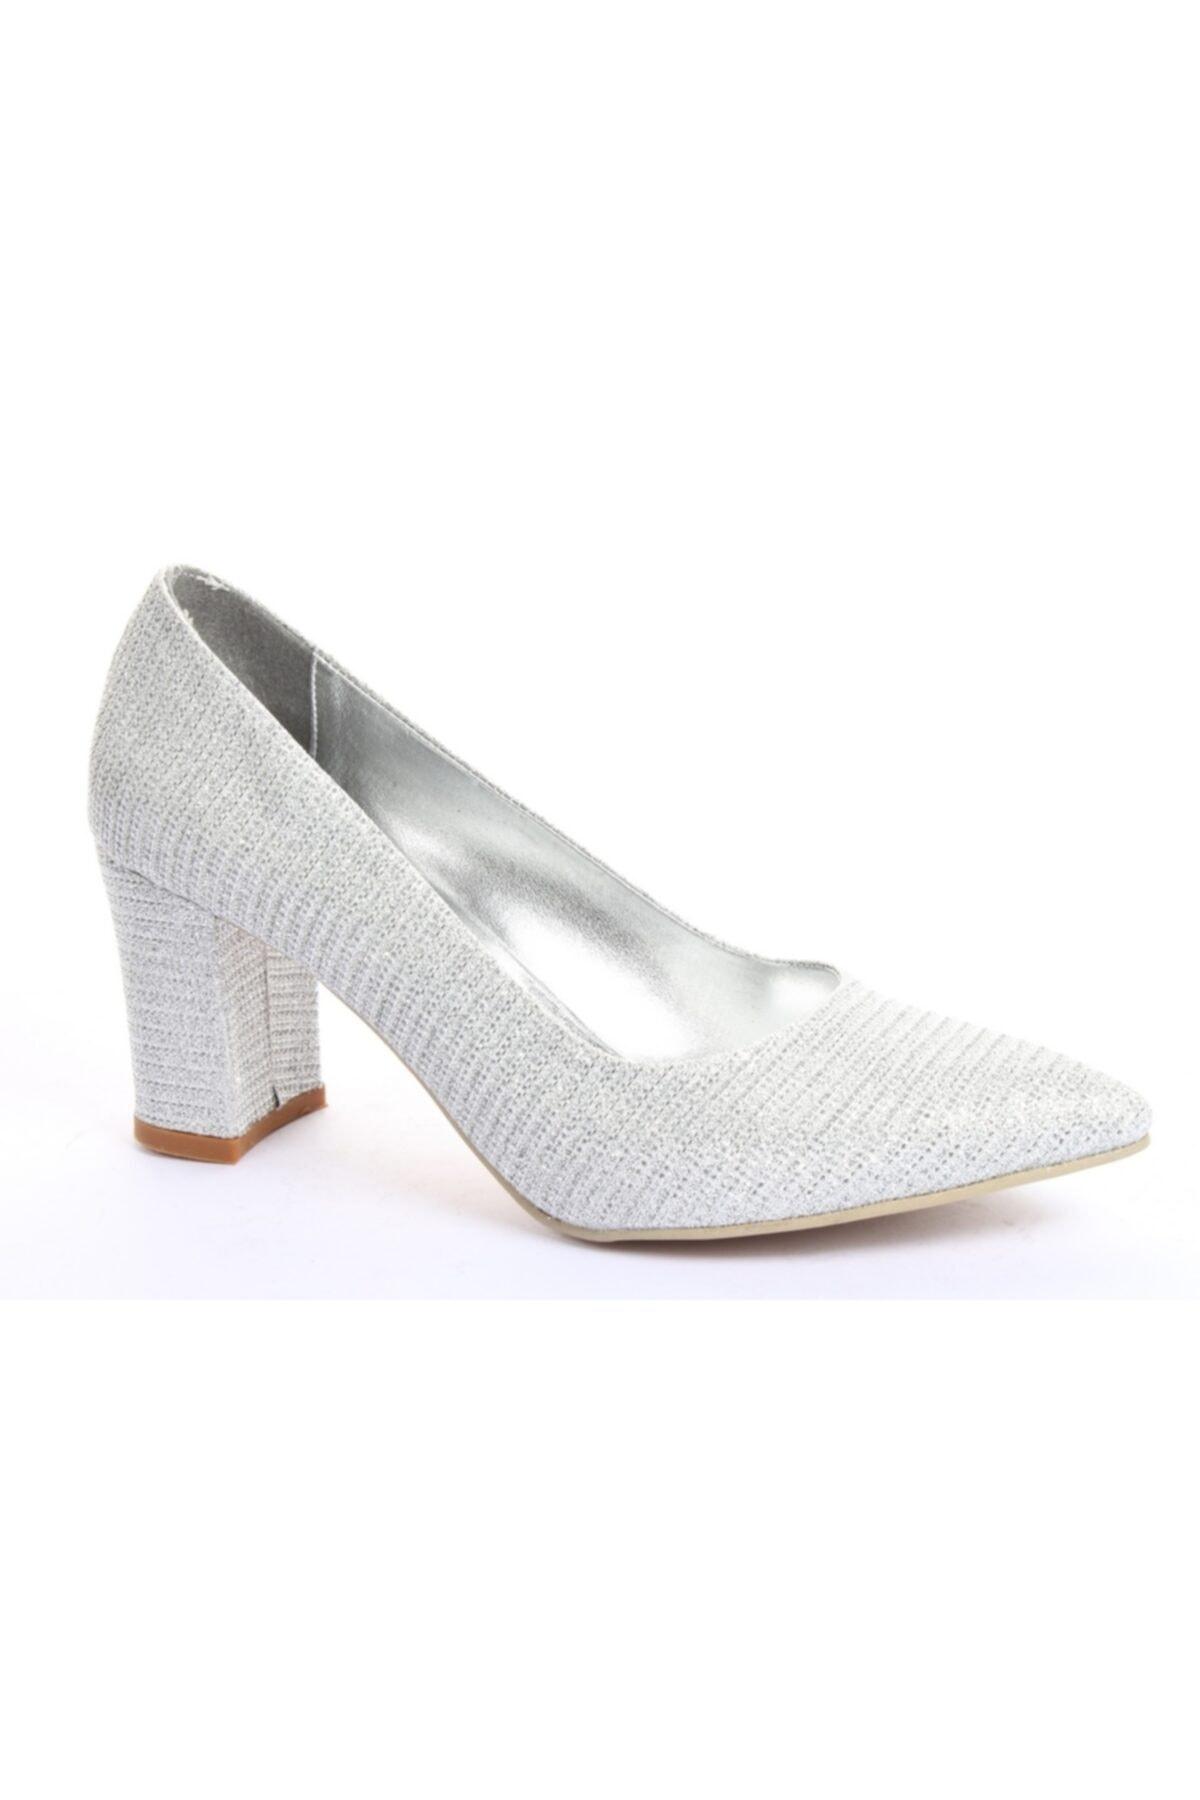 Almera 201-11p Kadın Topuklu Ayakkabı 1